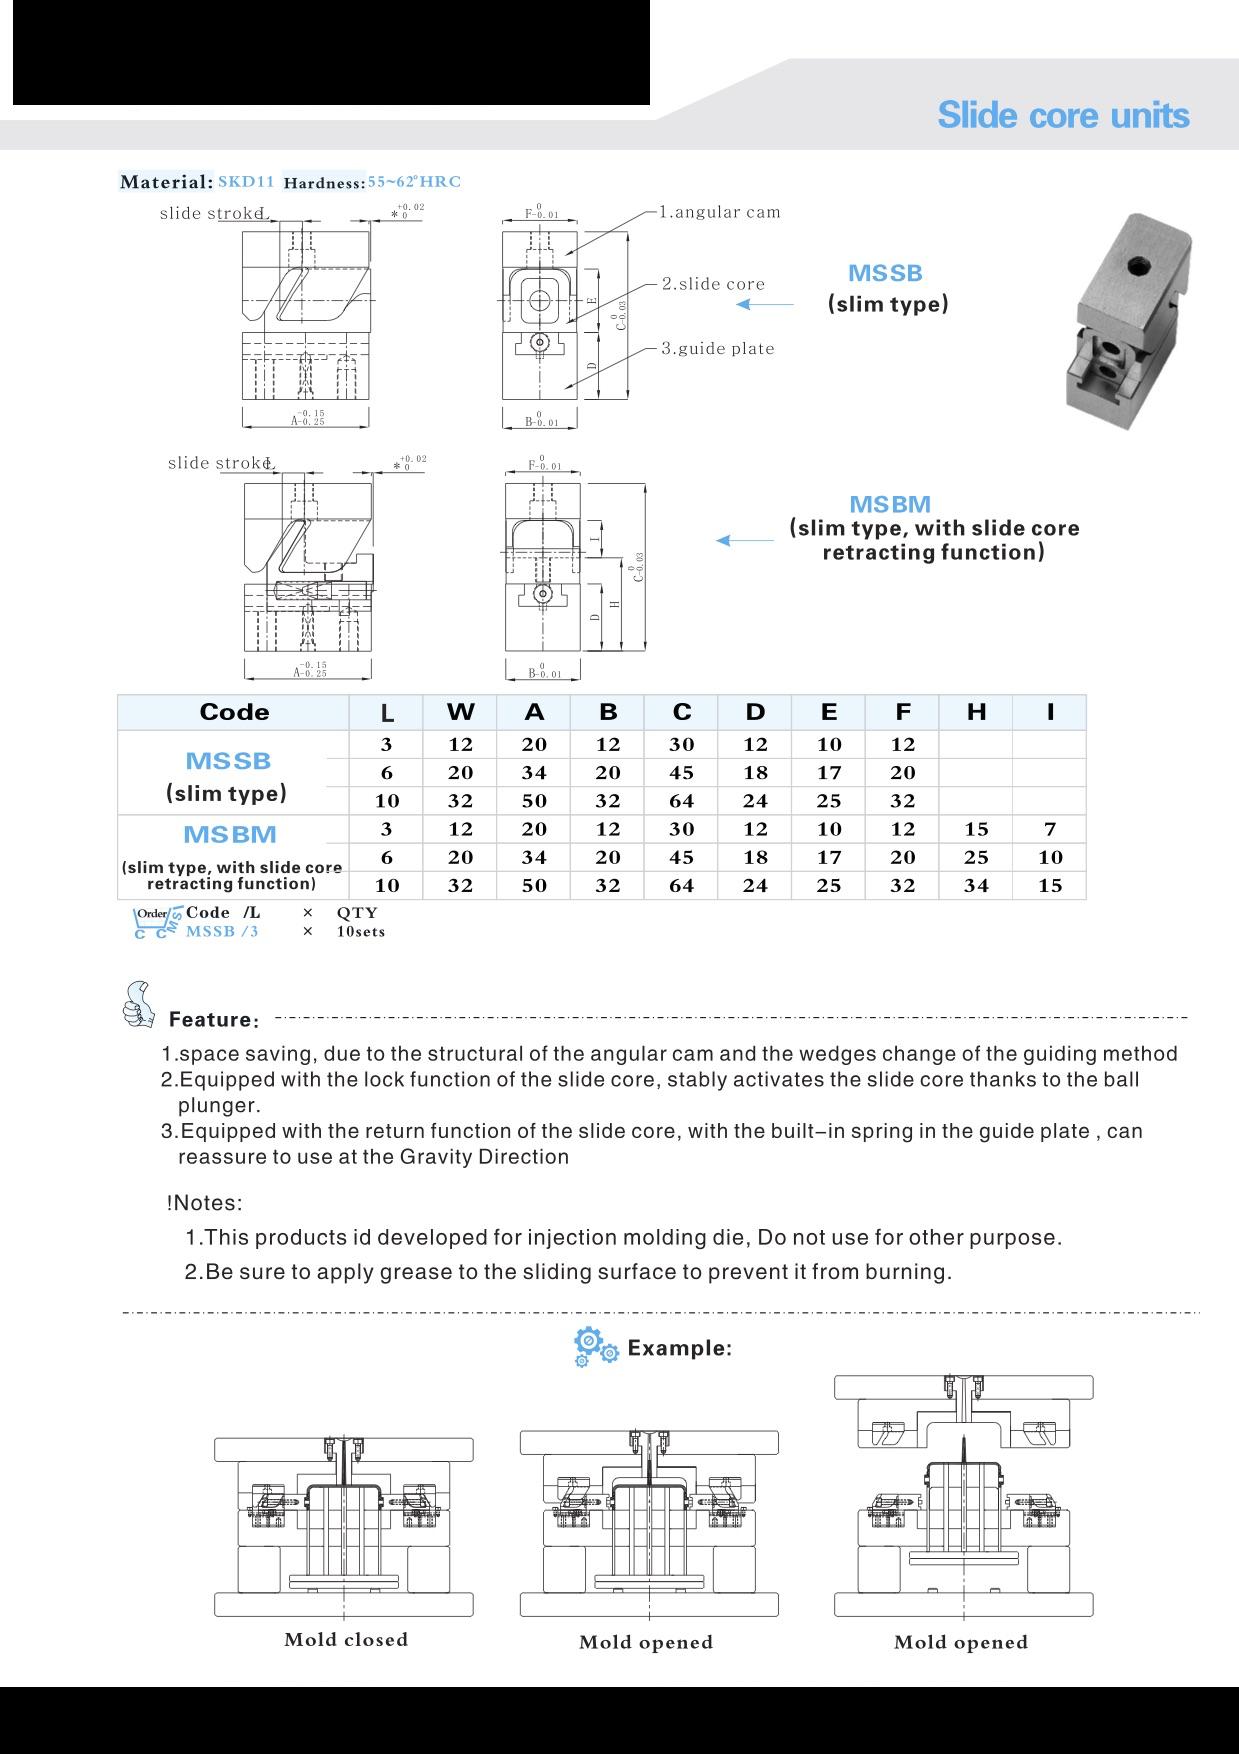 Slide Core Units-Plassteze